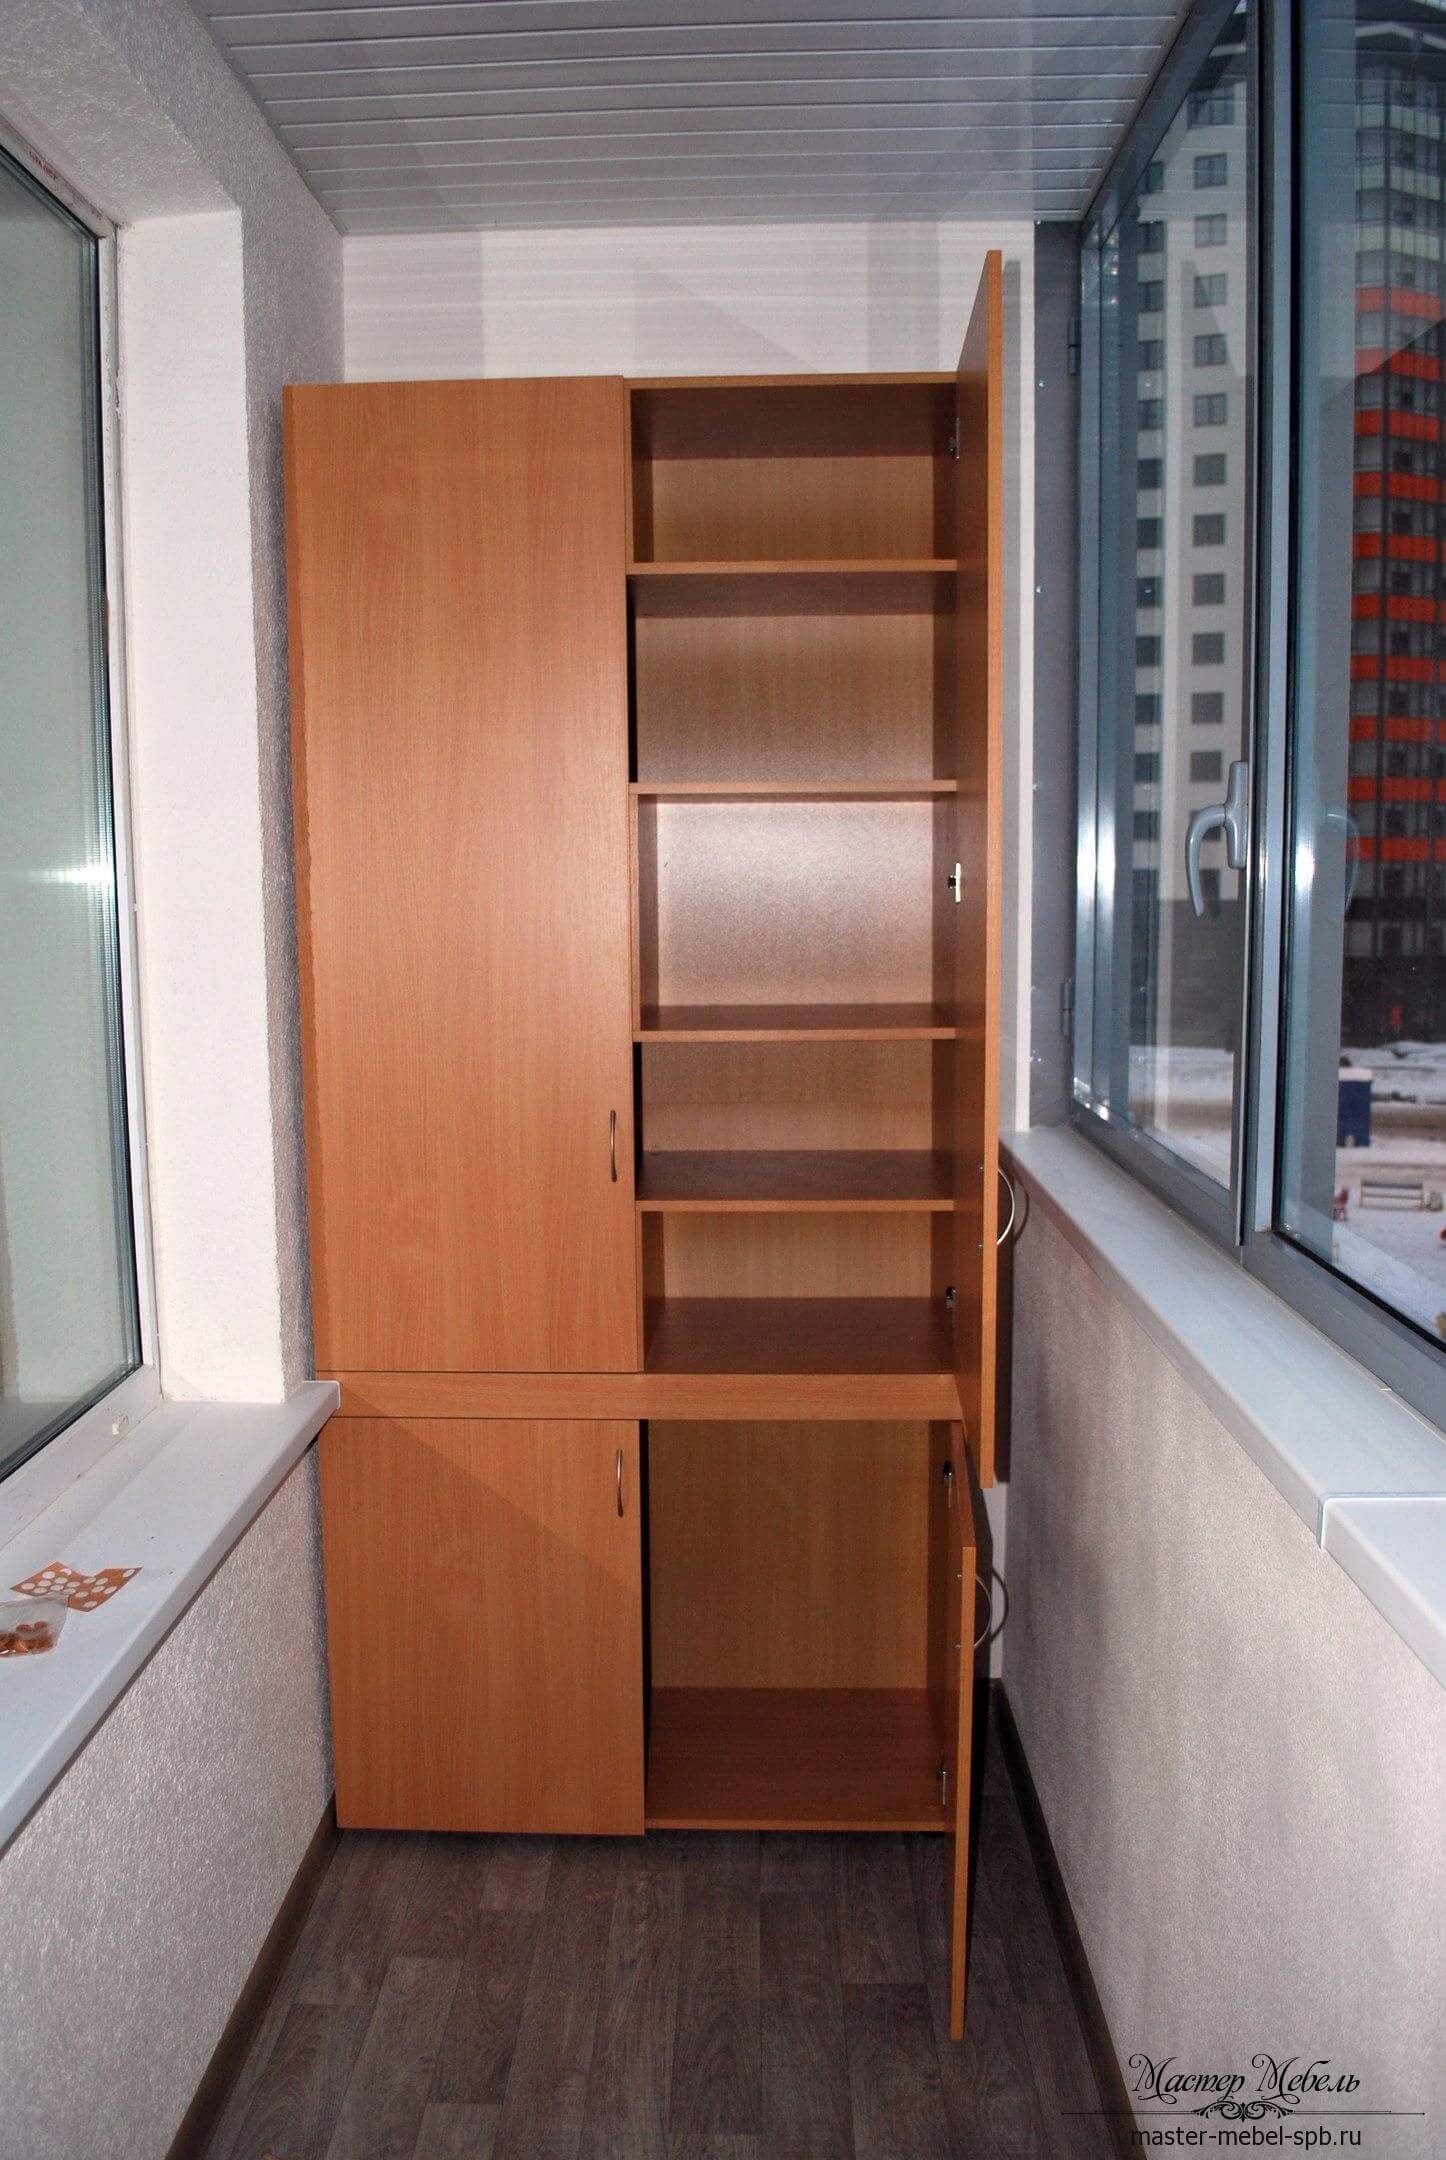 Алексей - мебель на заказ в спб.